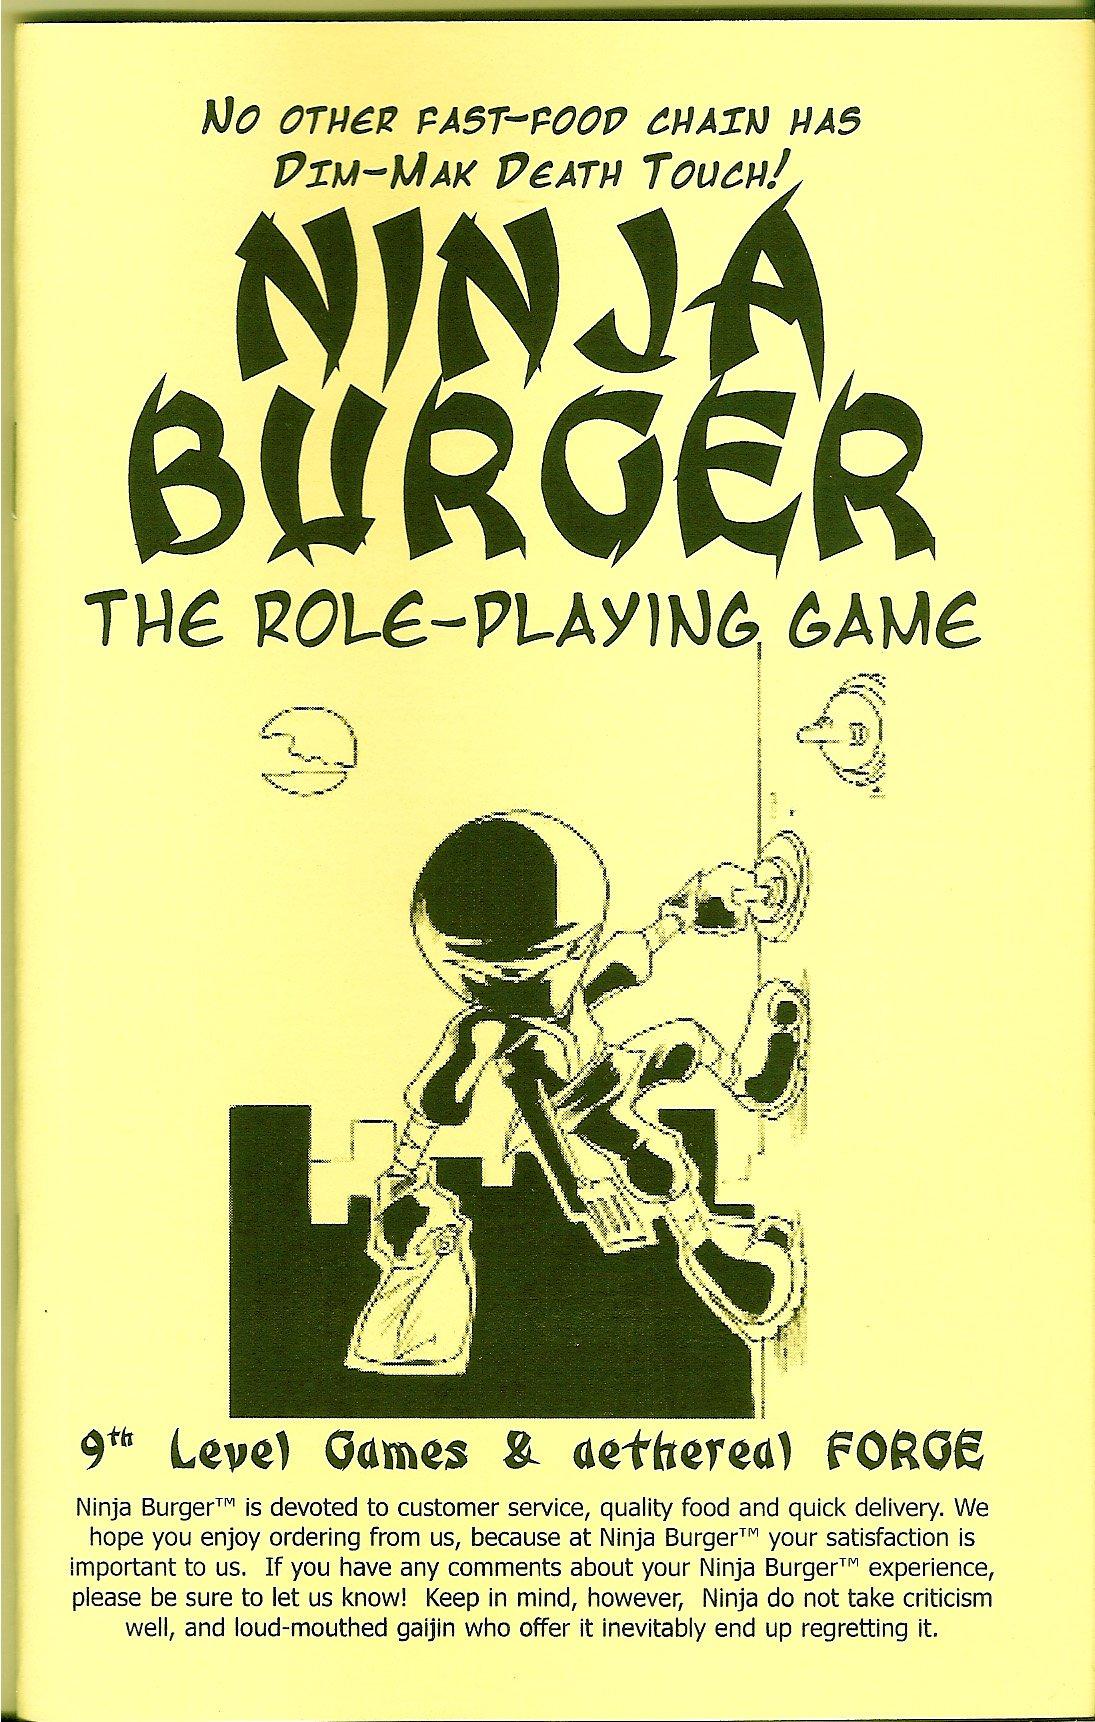 Amazon.com: Ninja Burger: The Role-Playing Game: Michael ...